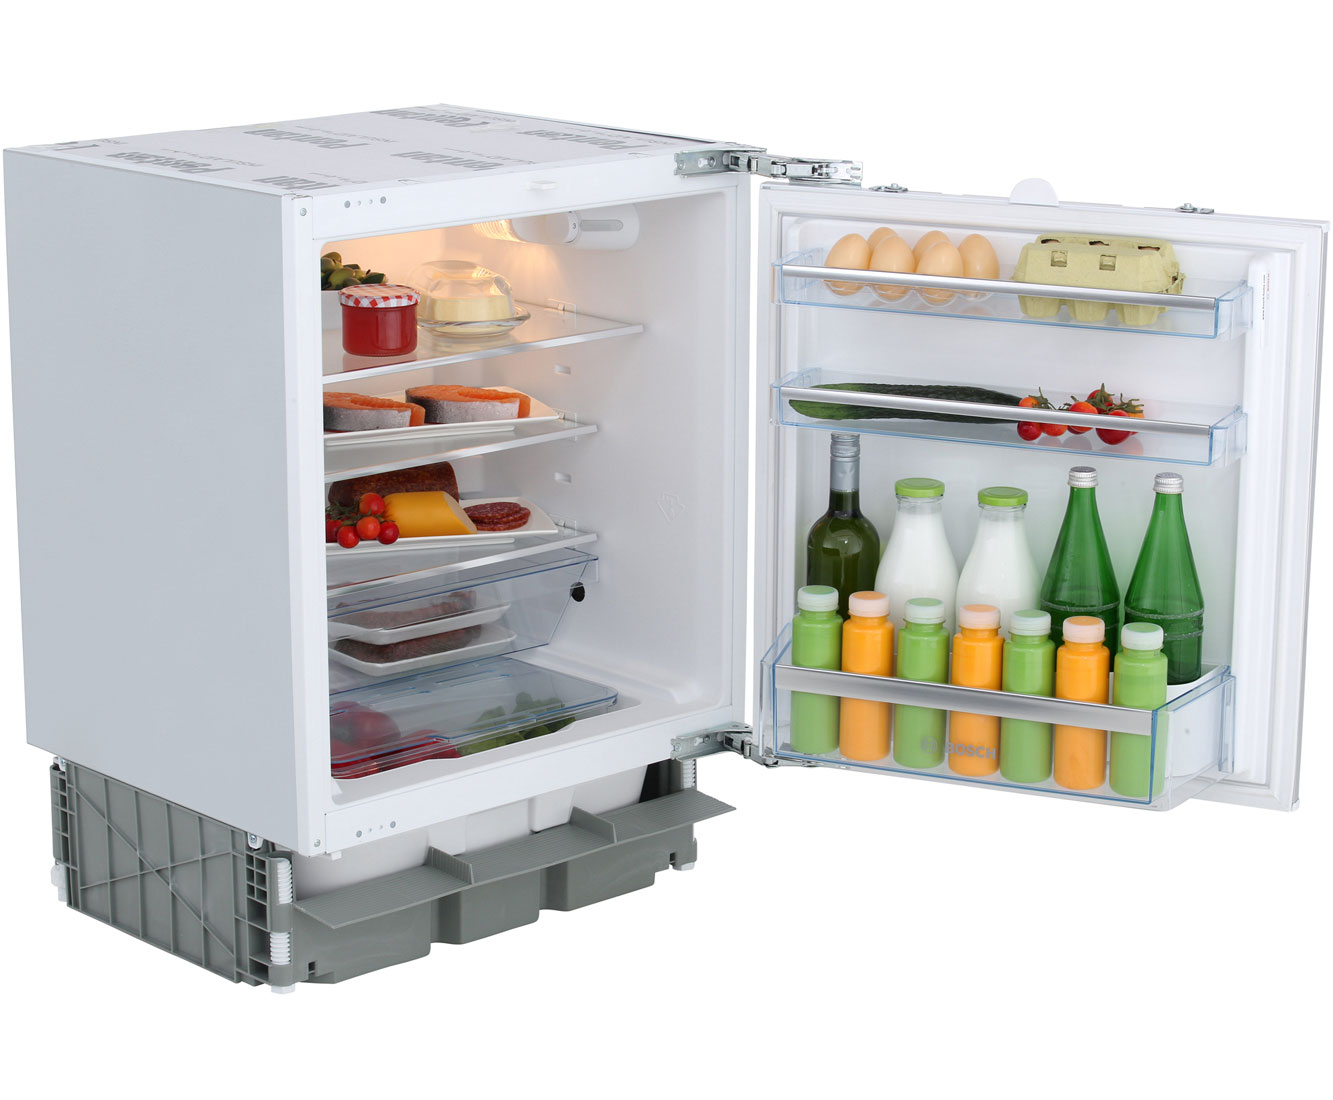 Bosch Cooler Kühlschrank : Bosch serie kur a einbau kühlschrank er nische festtür